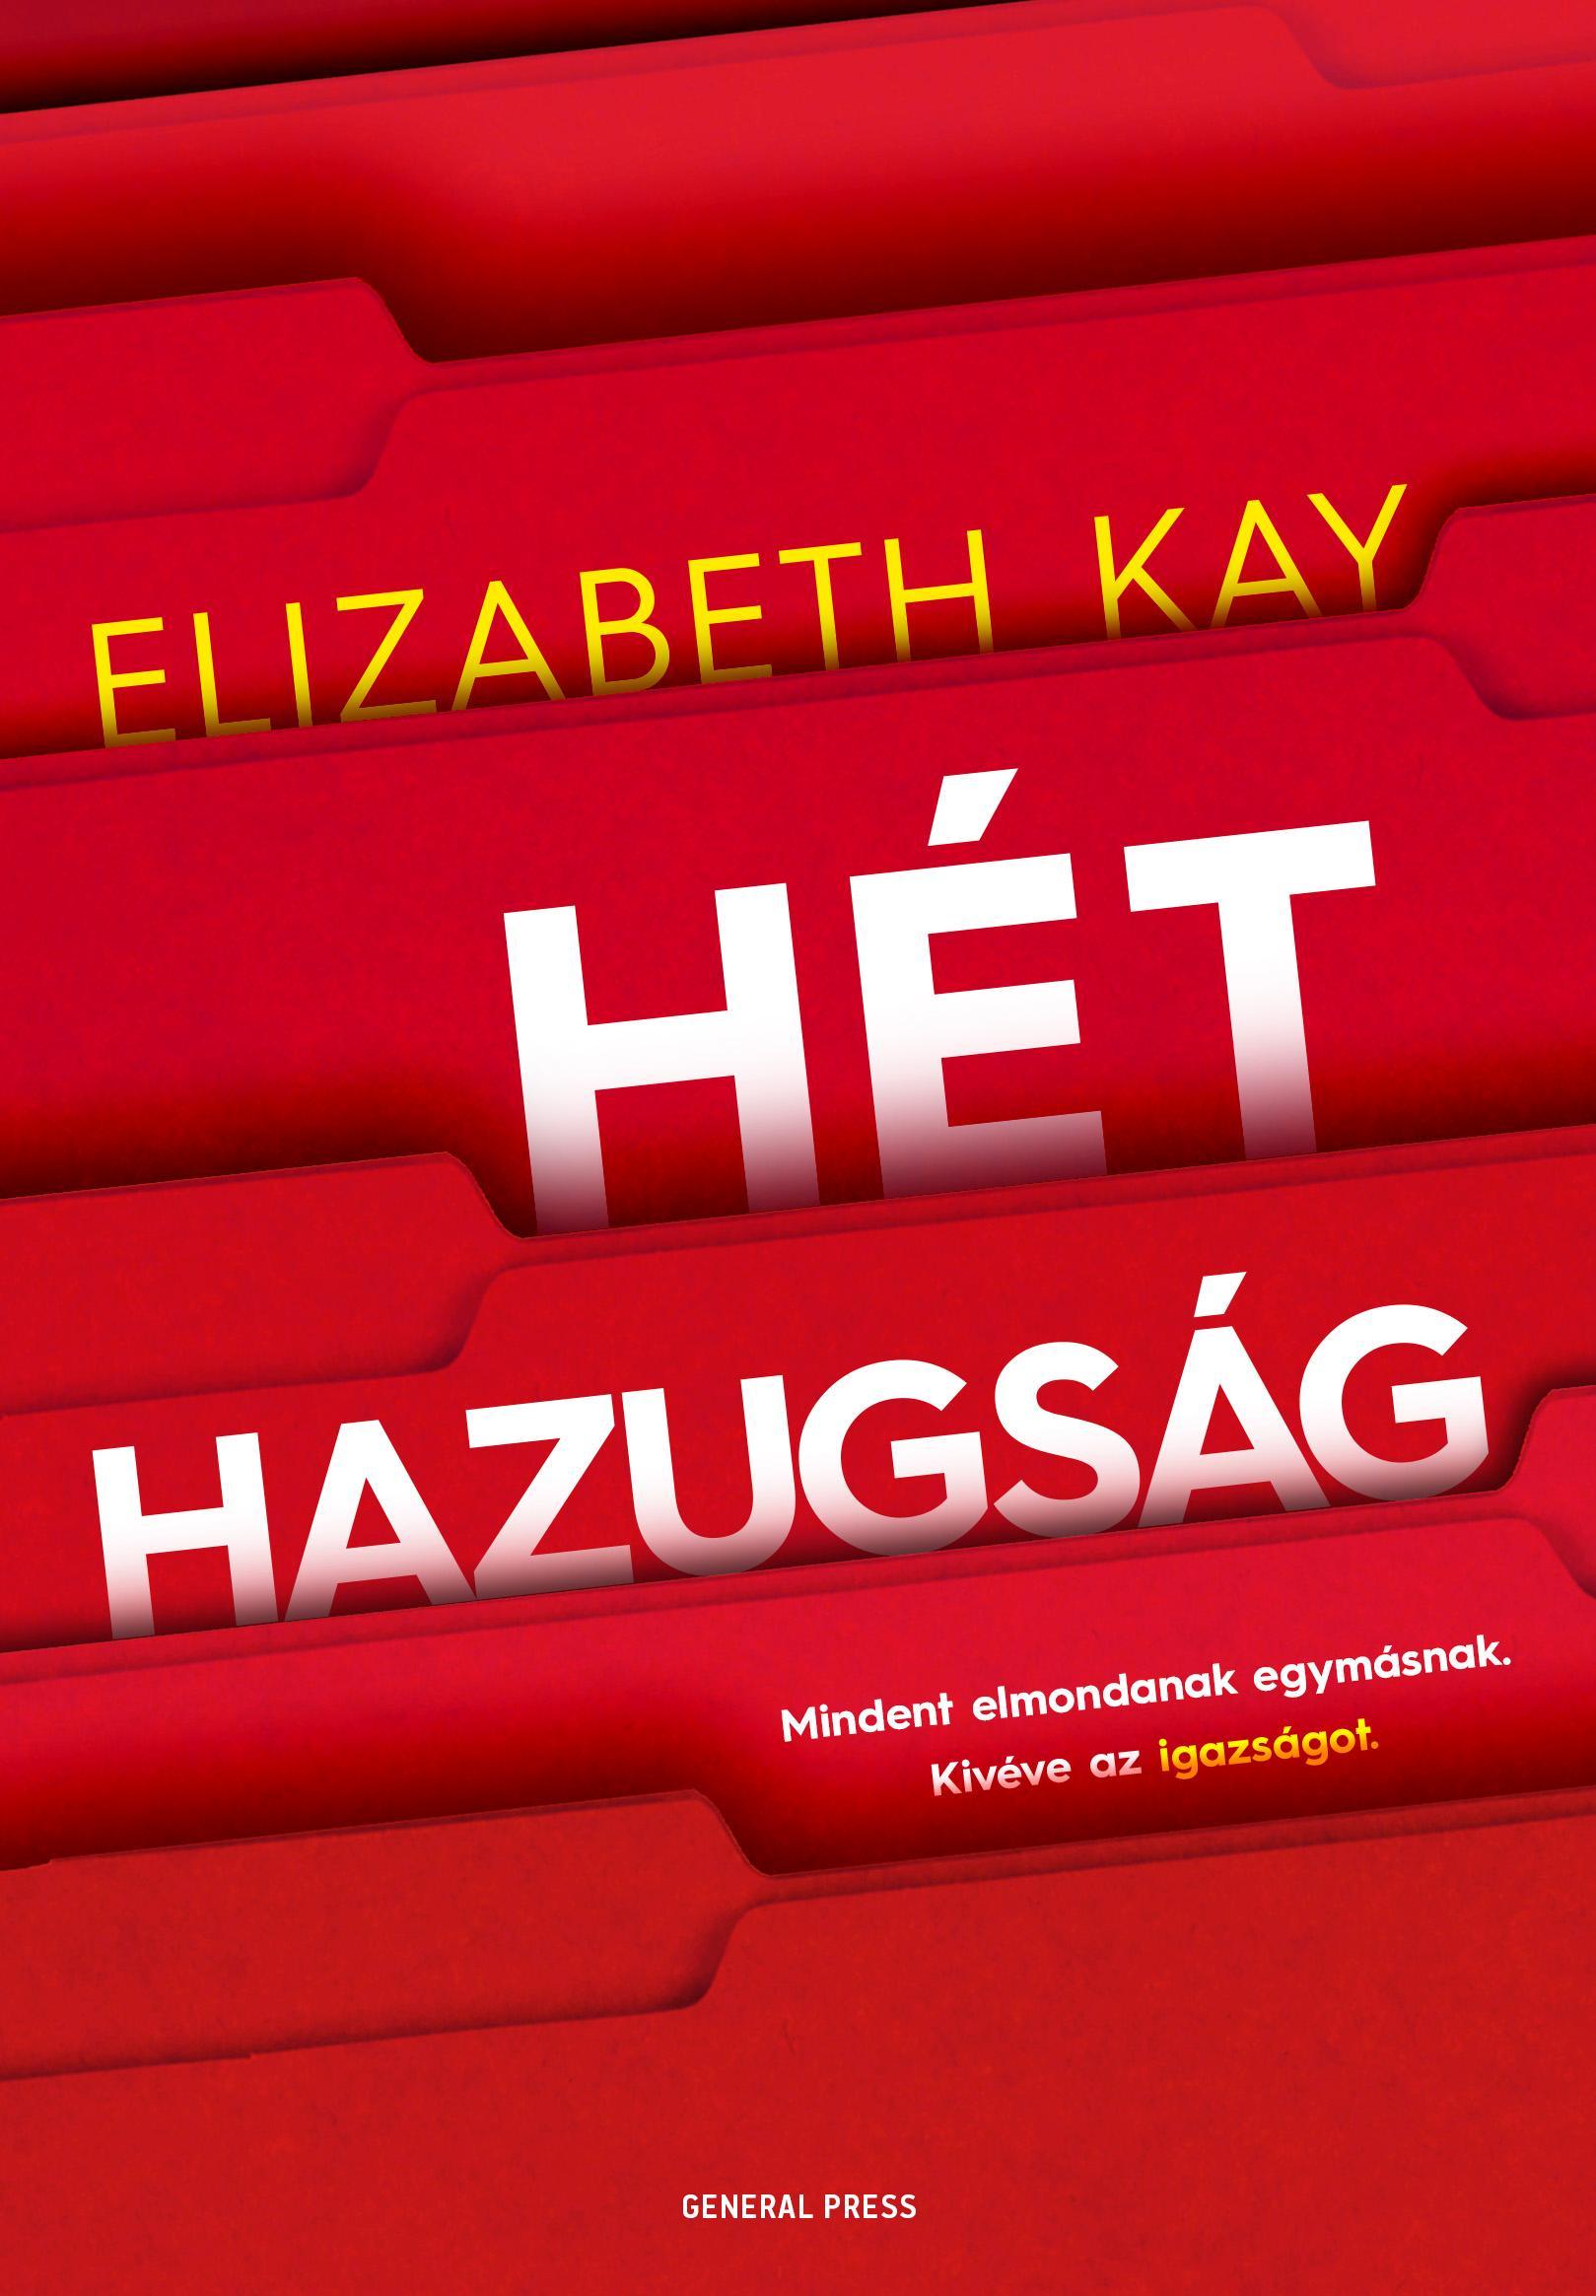 Elizabeth Kay - Hét hazugság